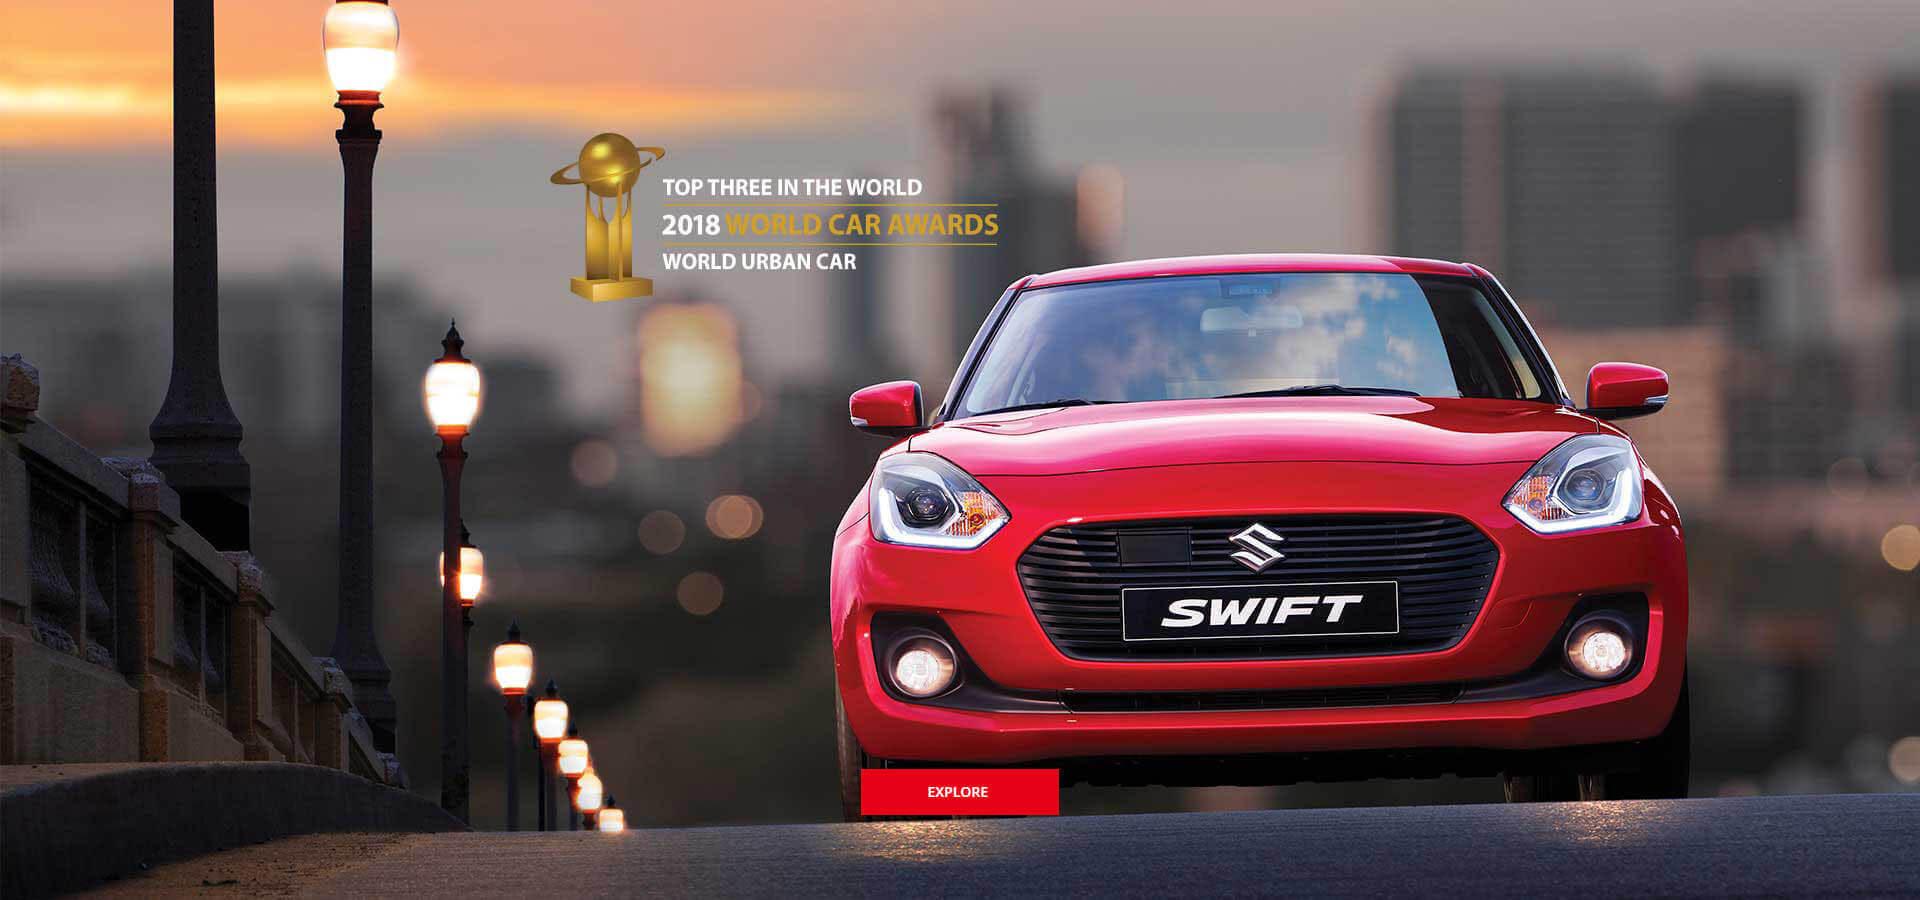 SuzukiQLD - Car Awards